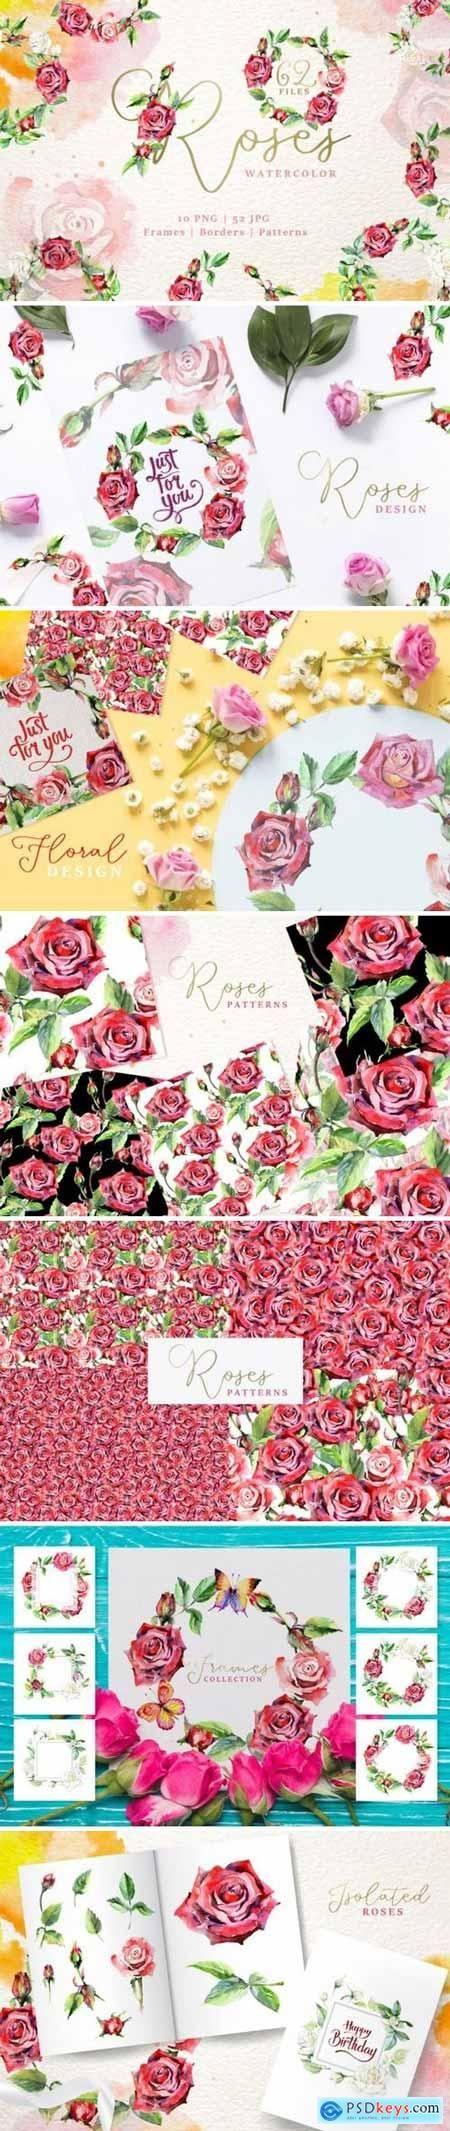 Marcos Gratis Para Fotos Letras Png Con Rosa Letras Para Photoshop Rosas Rojas En 2020 Letras Png Disenos De Letras Photoshop